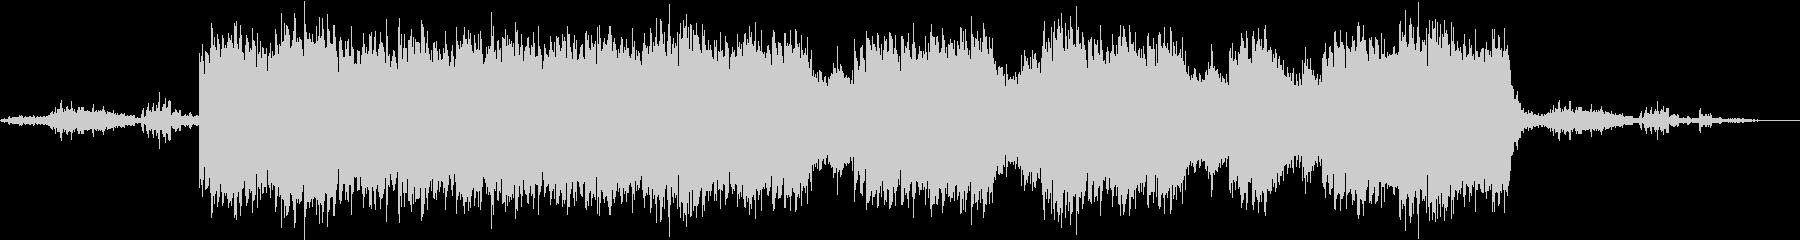 不気味な海底のサスペンスBGM(劇伴)の未再生の波形